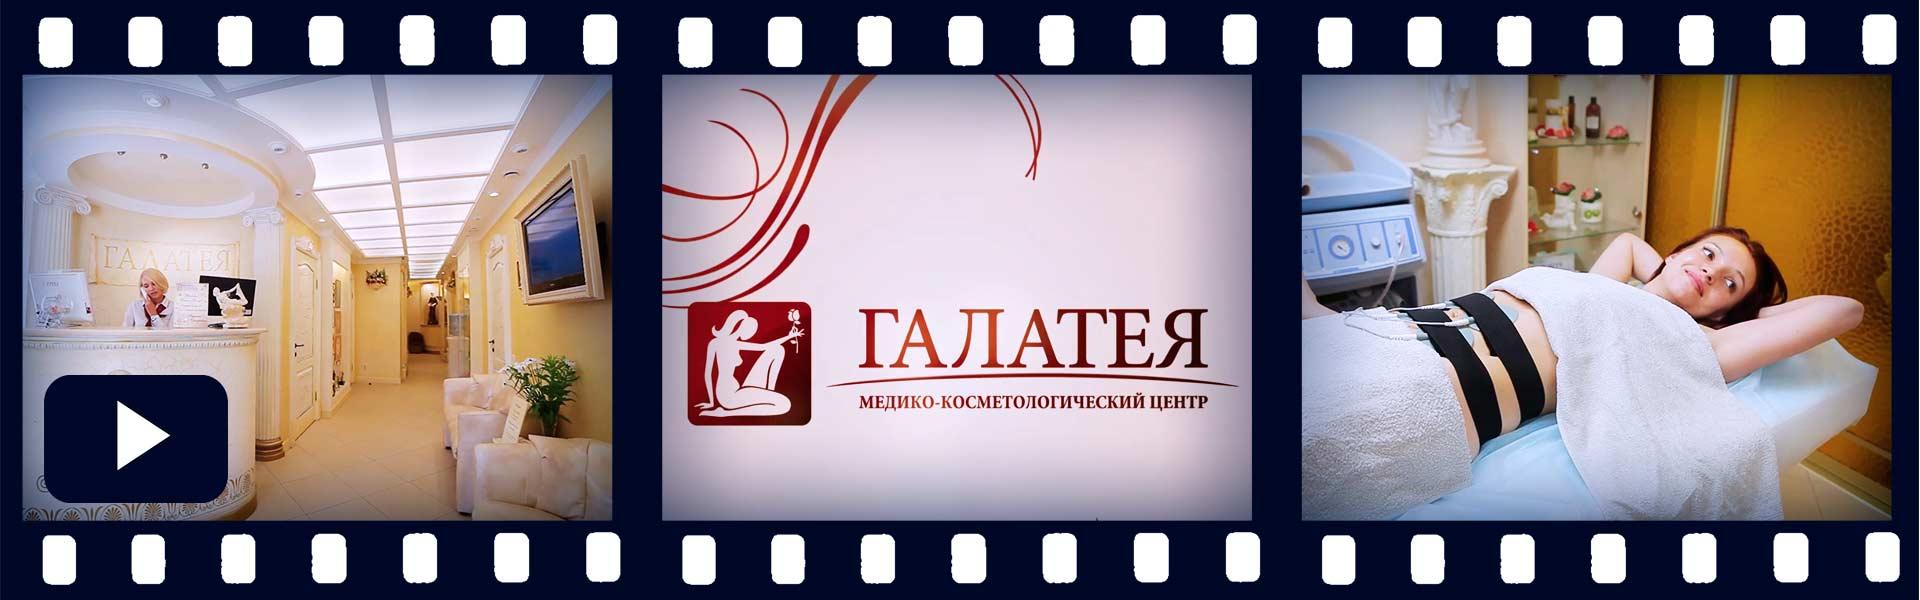 Рекламный фильм салона красоты «Галатея»